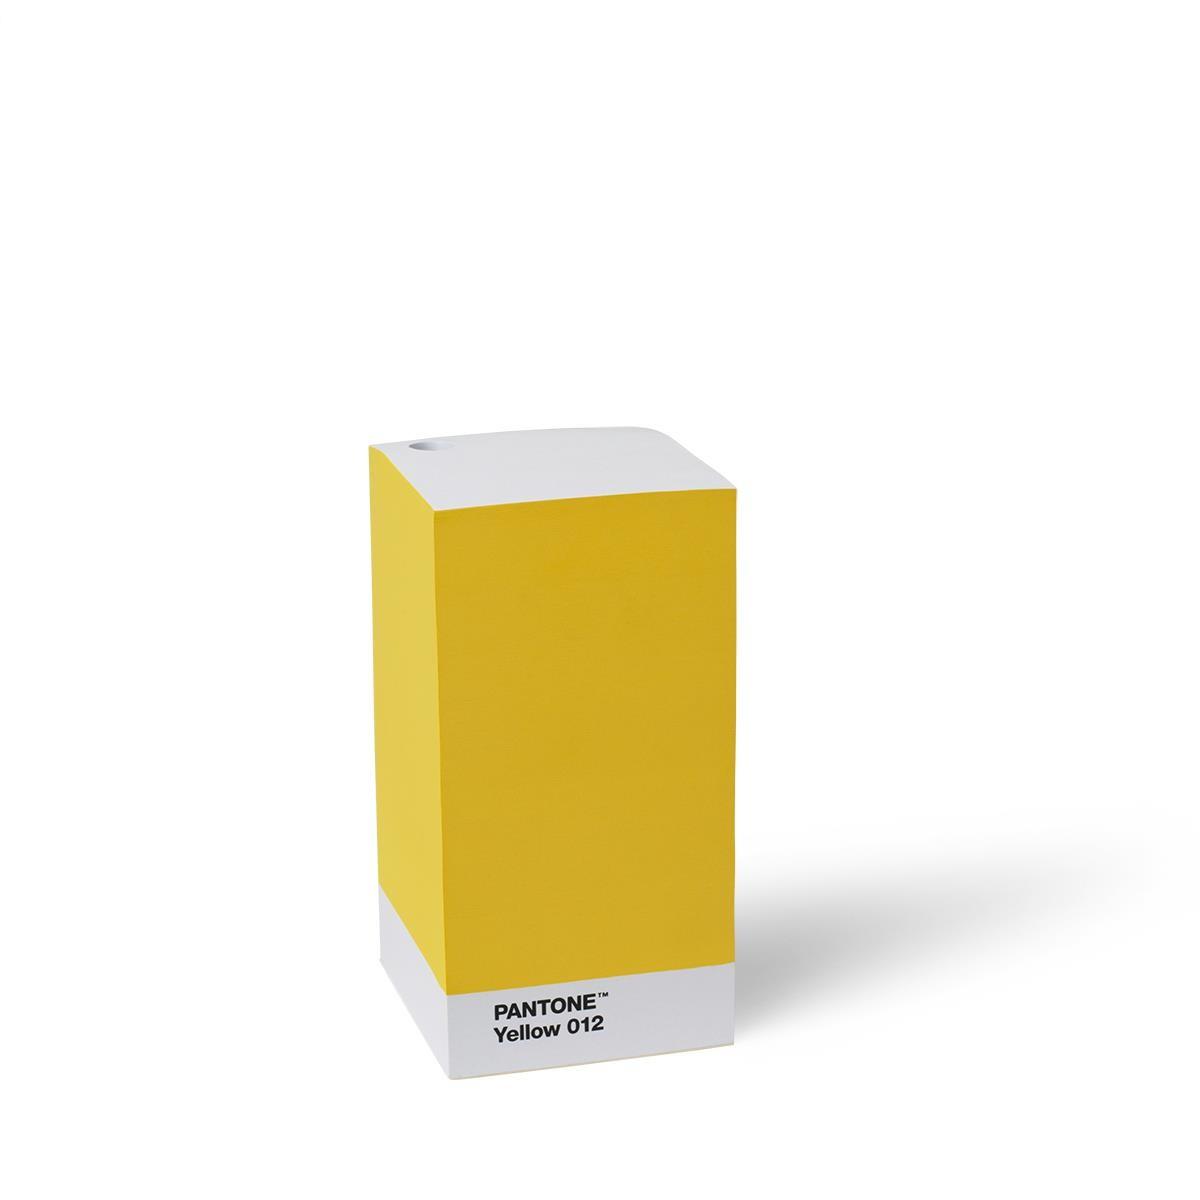 Notizzettelblock Gelb 012 Set Von 4 Stück Pantone Büro Produkte